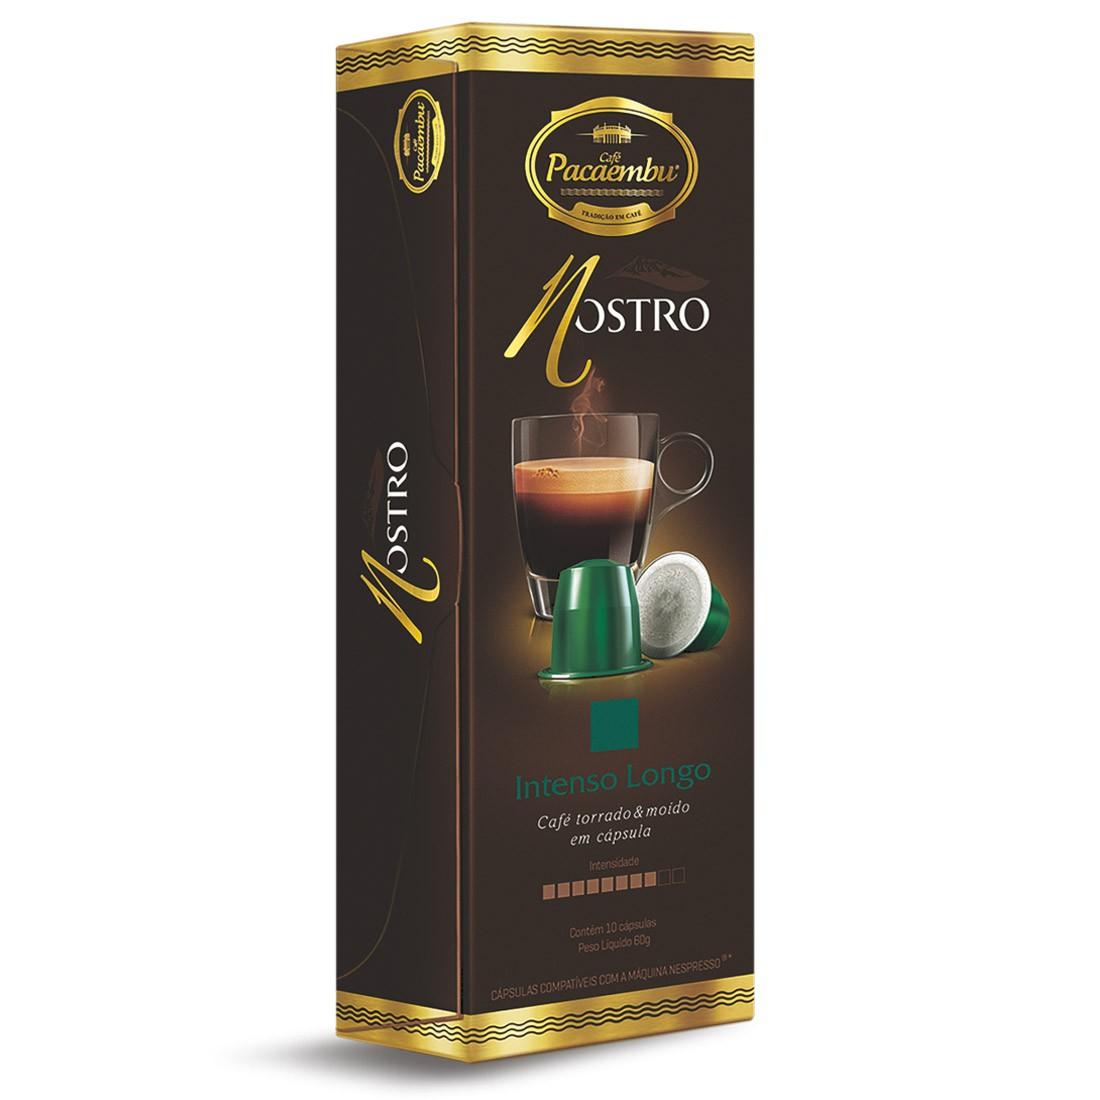 Cápsulas de Café Pacaembu Nostro Intenso Longo - Compatíveis com Nespresso® - 10 un.